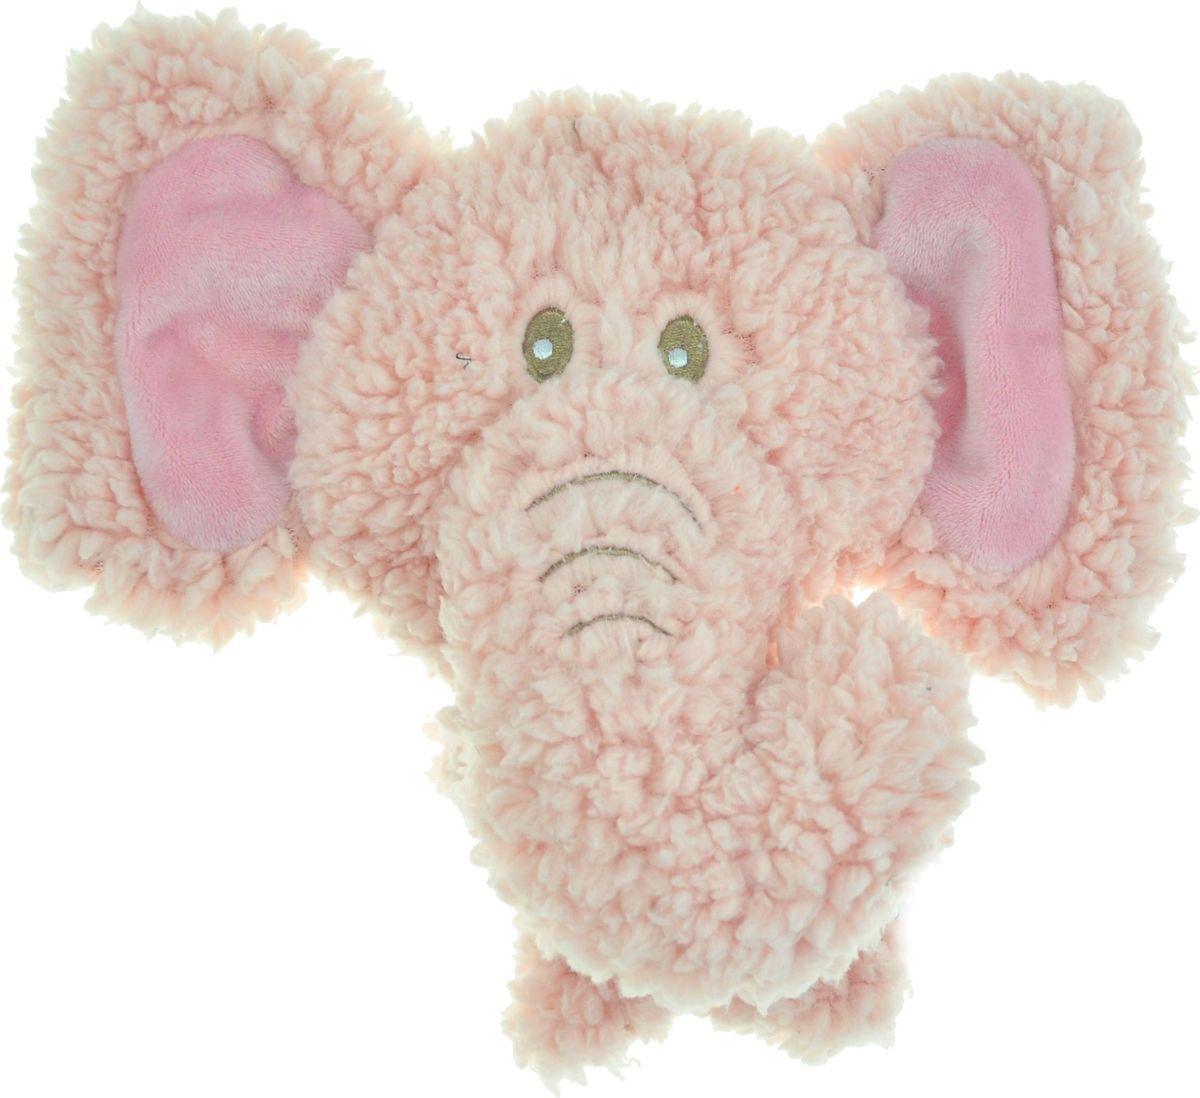 Игрушка для собак Aromadog Big Head. Слон, цвет: розовый, 12 см0120710Aromadog создал первую в мире интерактивную игрушку с натуральным эфирным маслом.В конструкции игрушки имеется пищалка с наполнителем пропитанным маслом лаванды. При каждом нажатии на игрушку аромат высвобождается.При изготовлении используется эфирное масло лаванды 100% терапевтической чистоты.Запатентованная технология для стойкого аромата.Использование игрушки рекомендовано ветеринарными врачами.Корректирует поведение питомца.Успокаивает. Борется с гиперактивностью.Использование игрушки рекомендовано собакам со следующими поведенческими проблемами:Разлука с хозяином: Пожалуйста, не уходи!Беспокойство по ночам: Почему все спят?Визит к ветеринарному врачу: Эти неизвестные и пугающие запахи!Боязнь грома и петард: Эти звуки меня пугают!Питомцы из приюта: Они полюбят меня?Скука: О! Новая игрушка, как хорошо. Спокойствие, баланс….